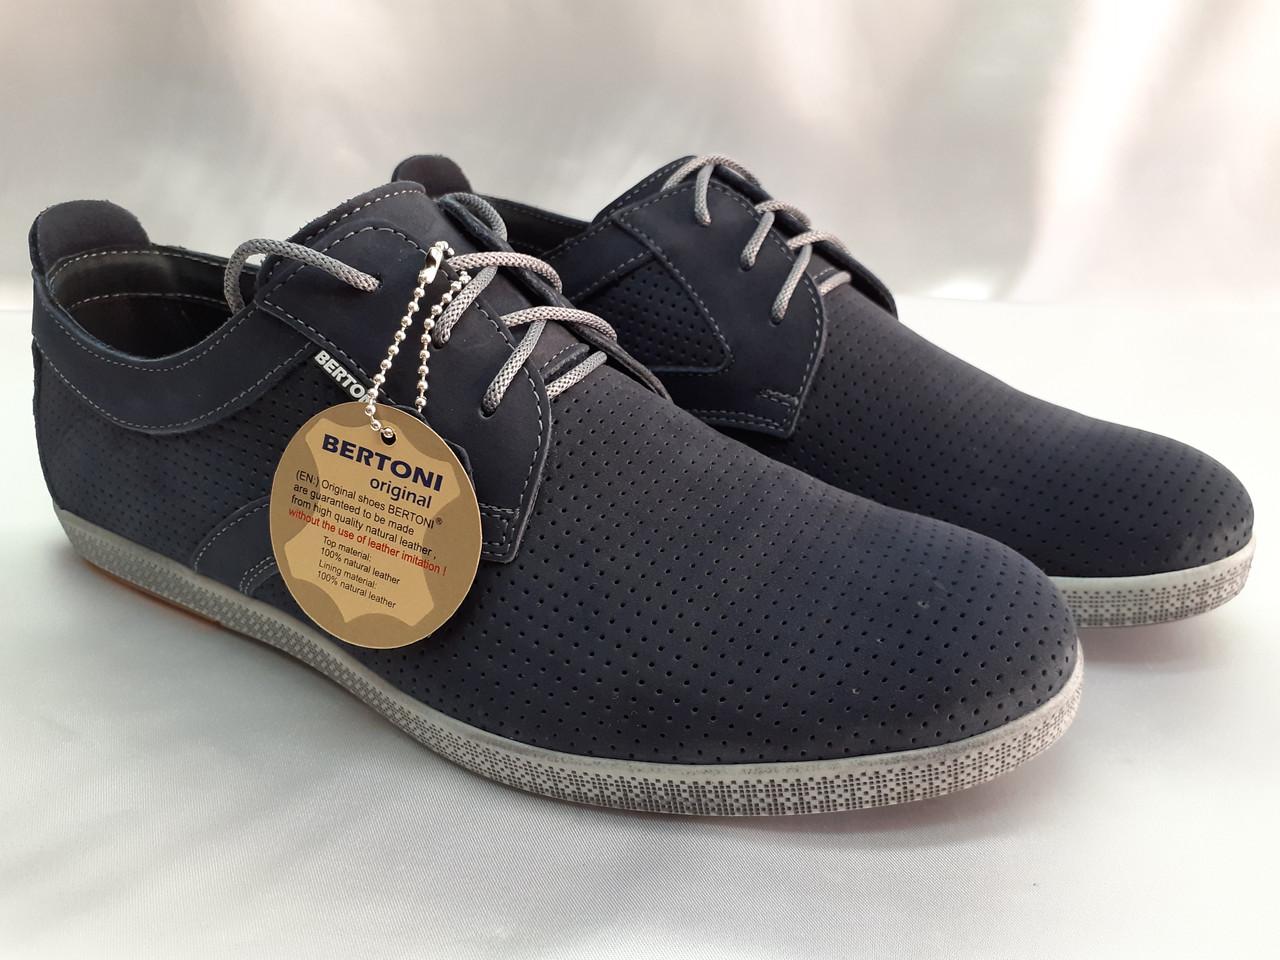 Весенние мужские мокасины на шнурках Bertoni